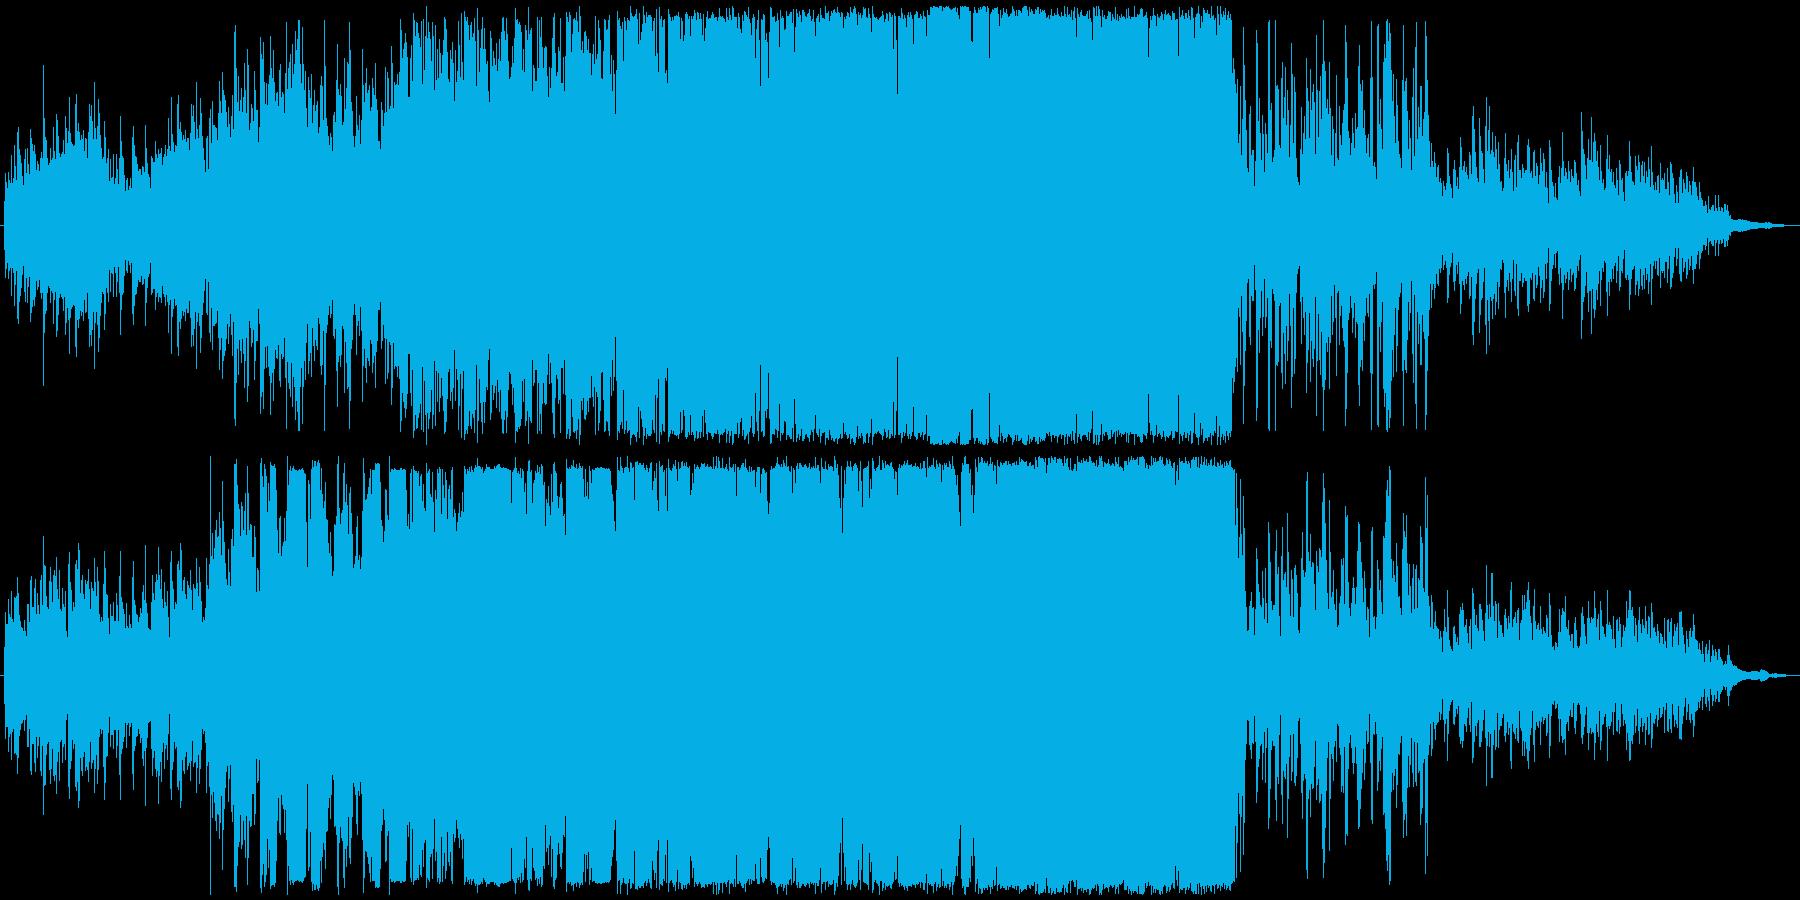 代替案 ポップ 現代的 交響曲 ア...の再生済みの波形